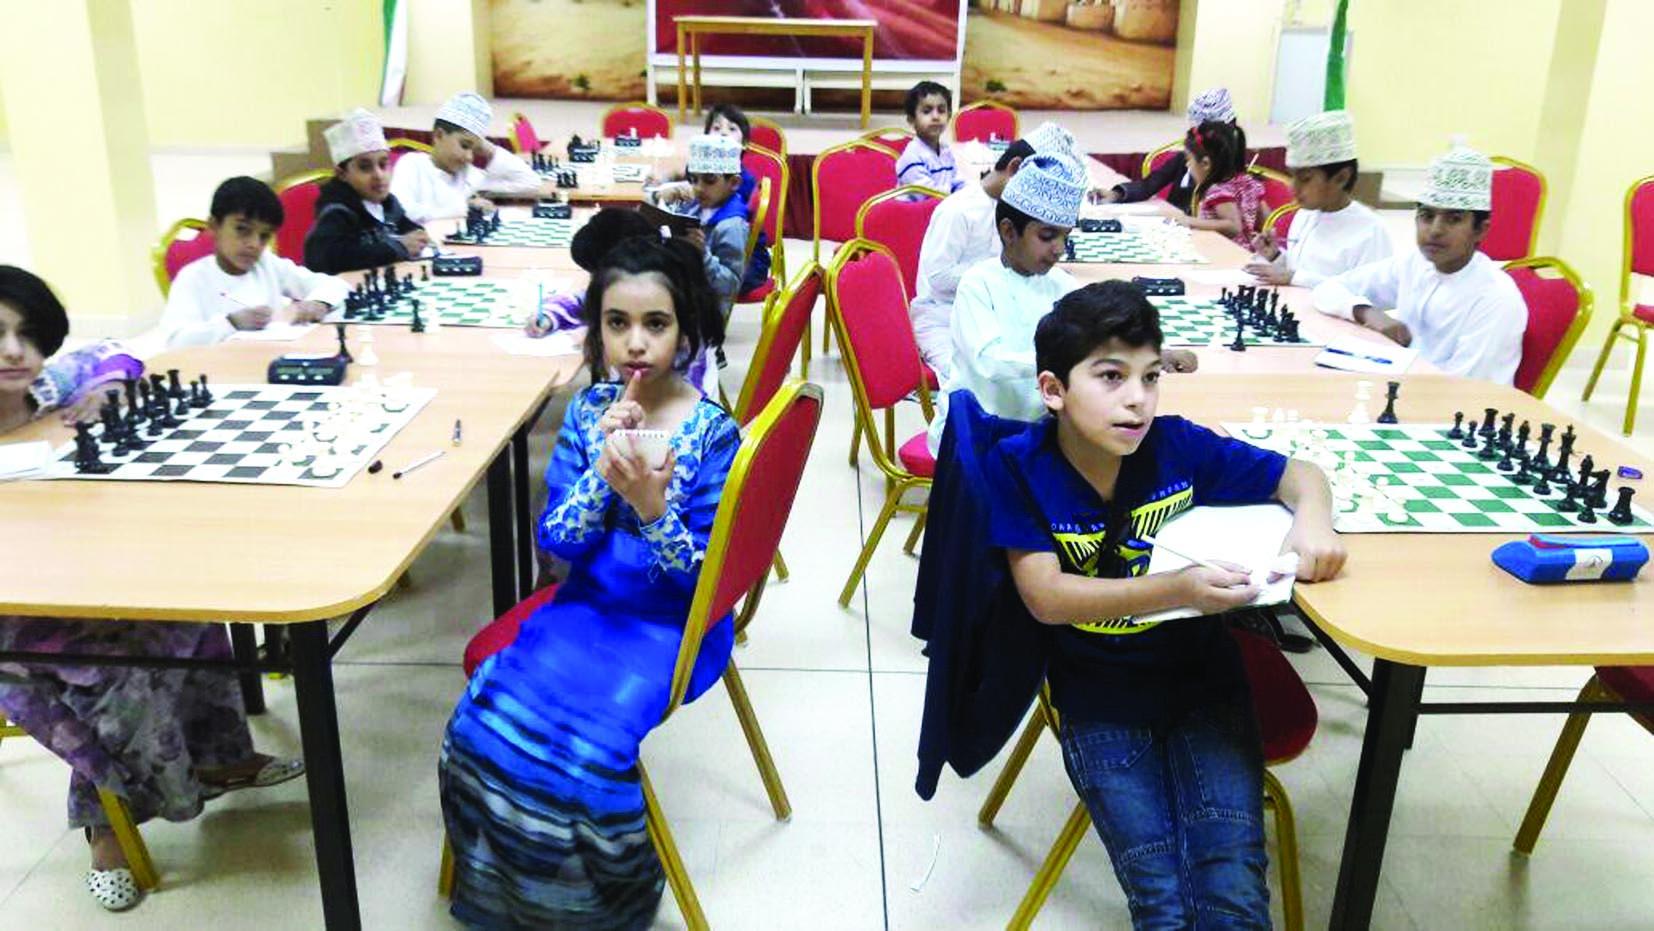 تقام بشراكة بين لجنة الشطرنج ومؤسسة الزبير تفاعل كبير تسجله مراكز إعداد لاعبي ولاعبات الشطرنج